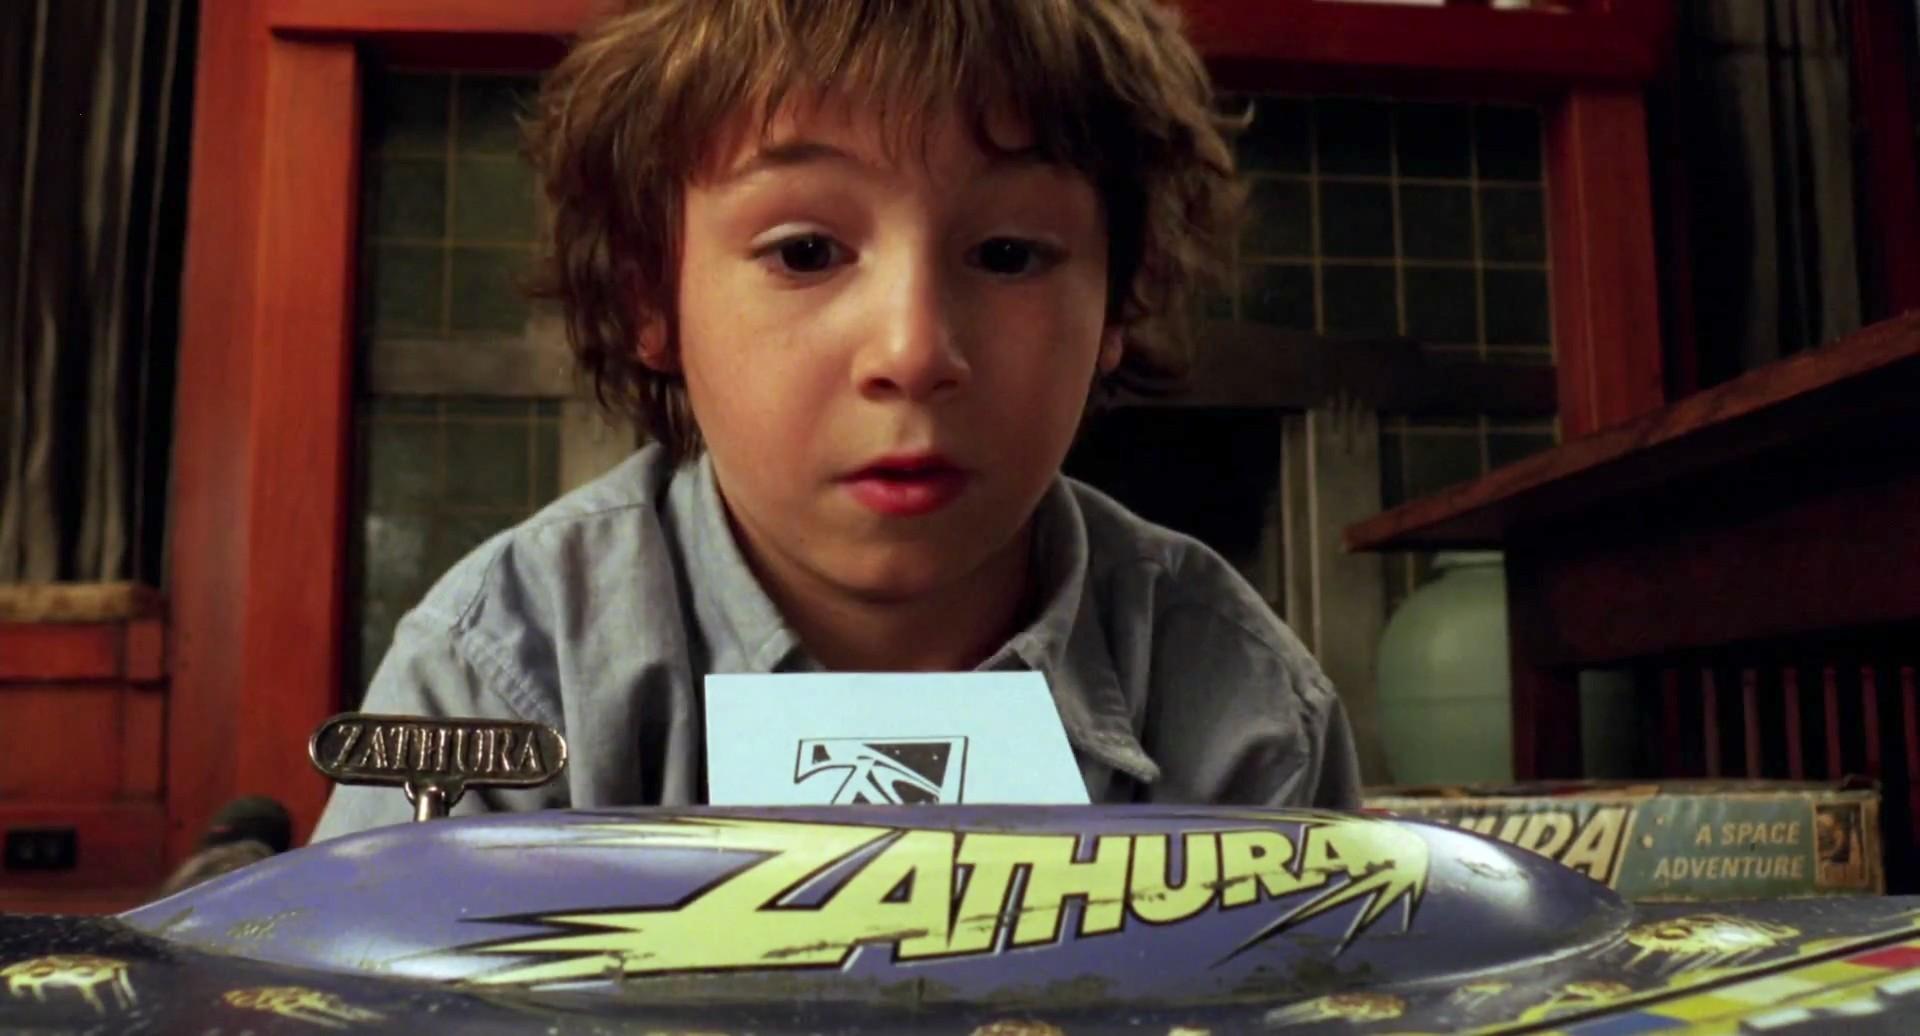 Zathura, просмоторщик документов - 2